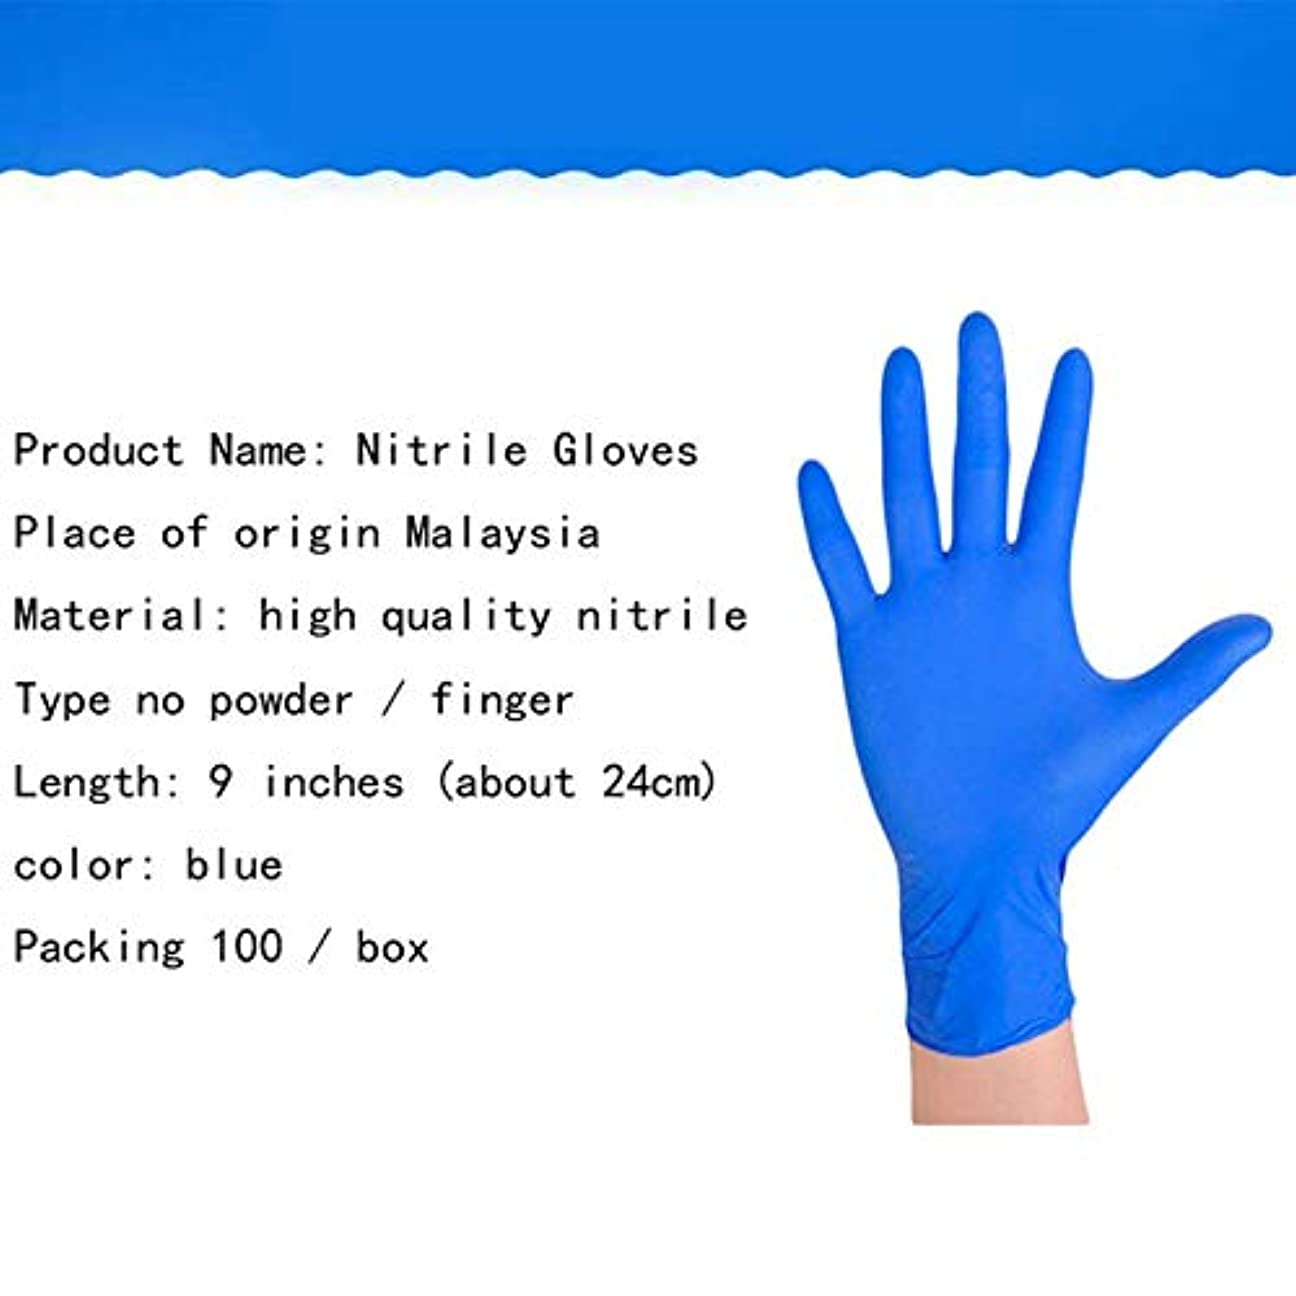 パパ自動役に立つニトリル手袋、パウダーフリー、ラテックスゴムフリー、使い捨て手袋 - 非滅菌、食品安全、医療用グレード、100 PCSの便利なディスペンサーパック、(追加強度)(S-XL) (Size : S)